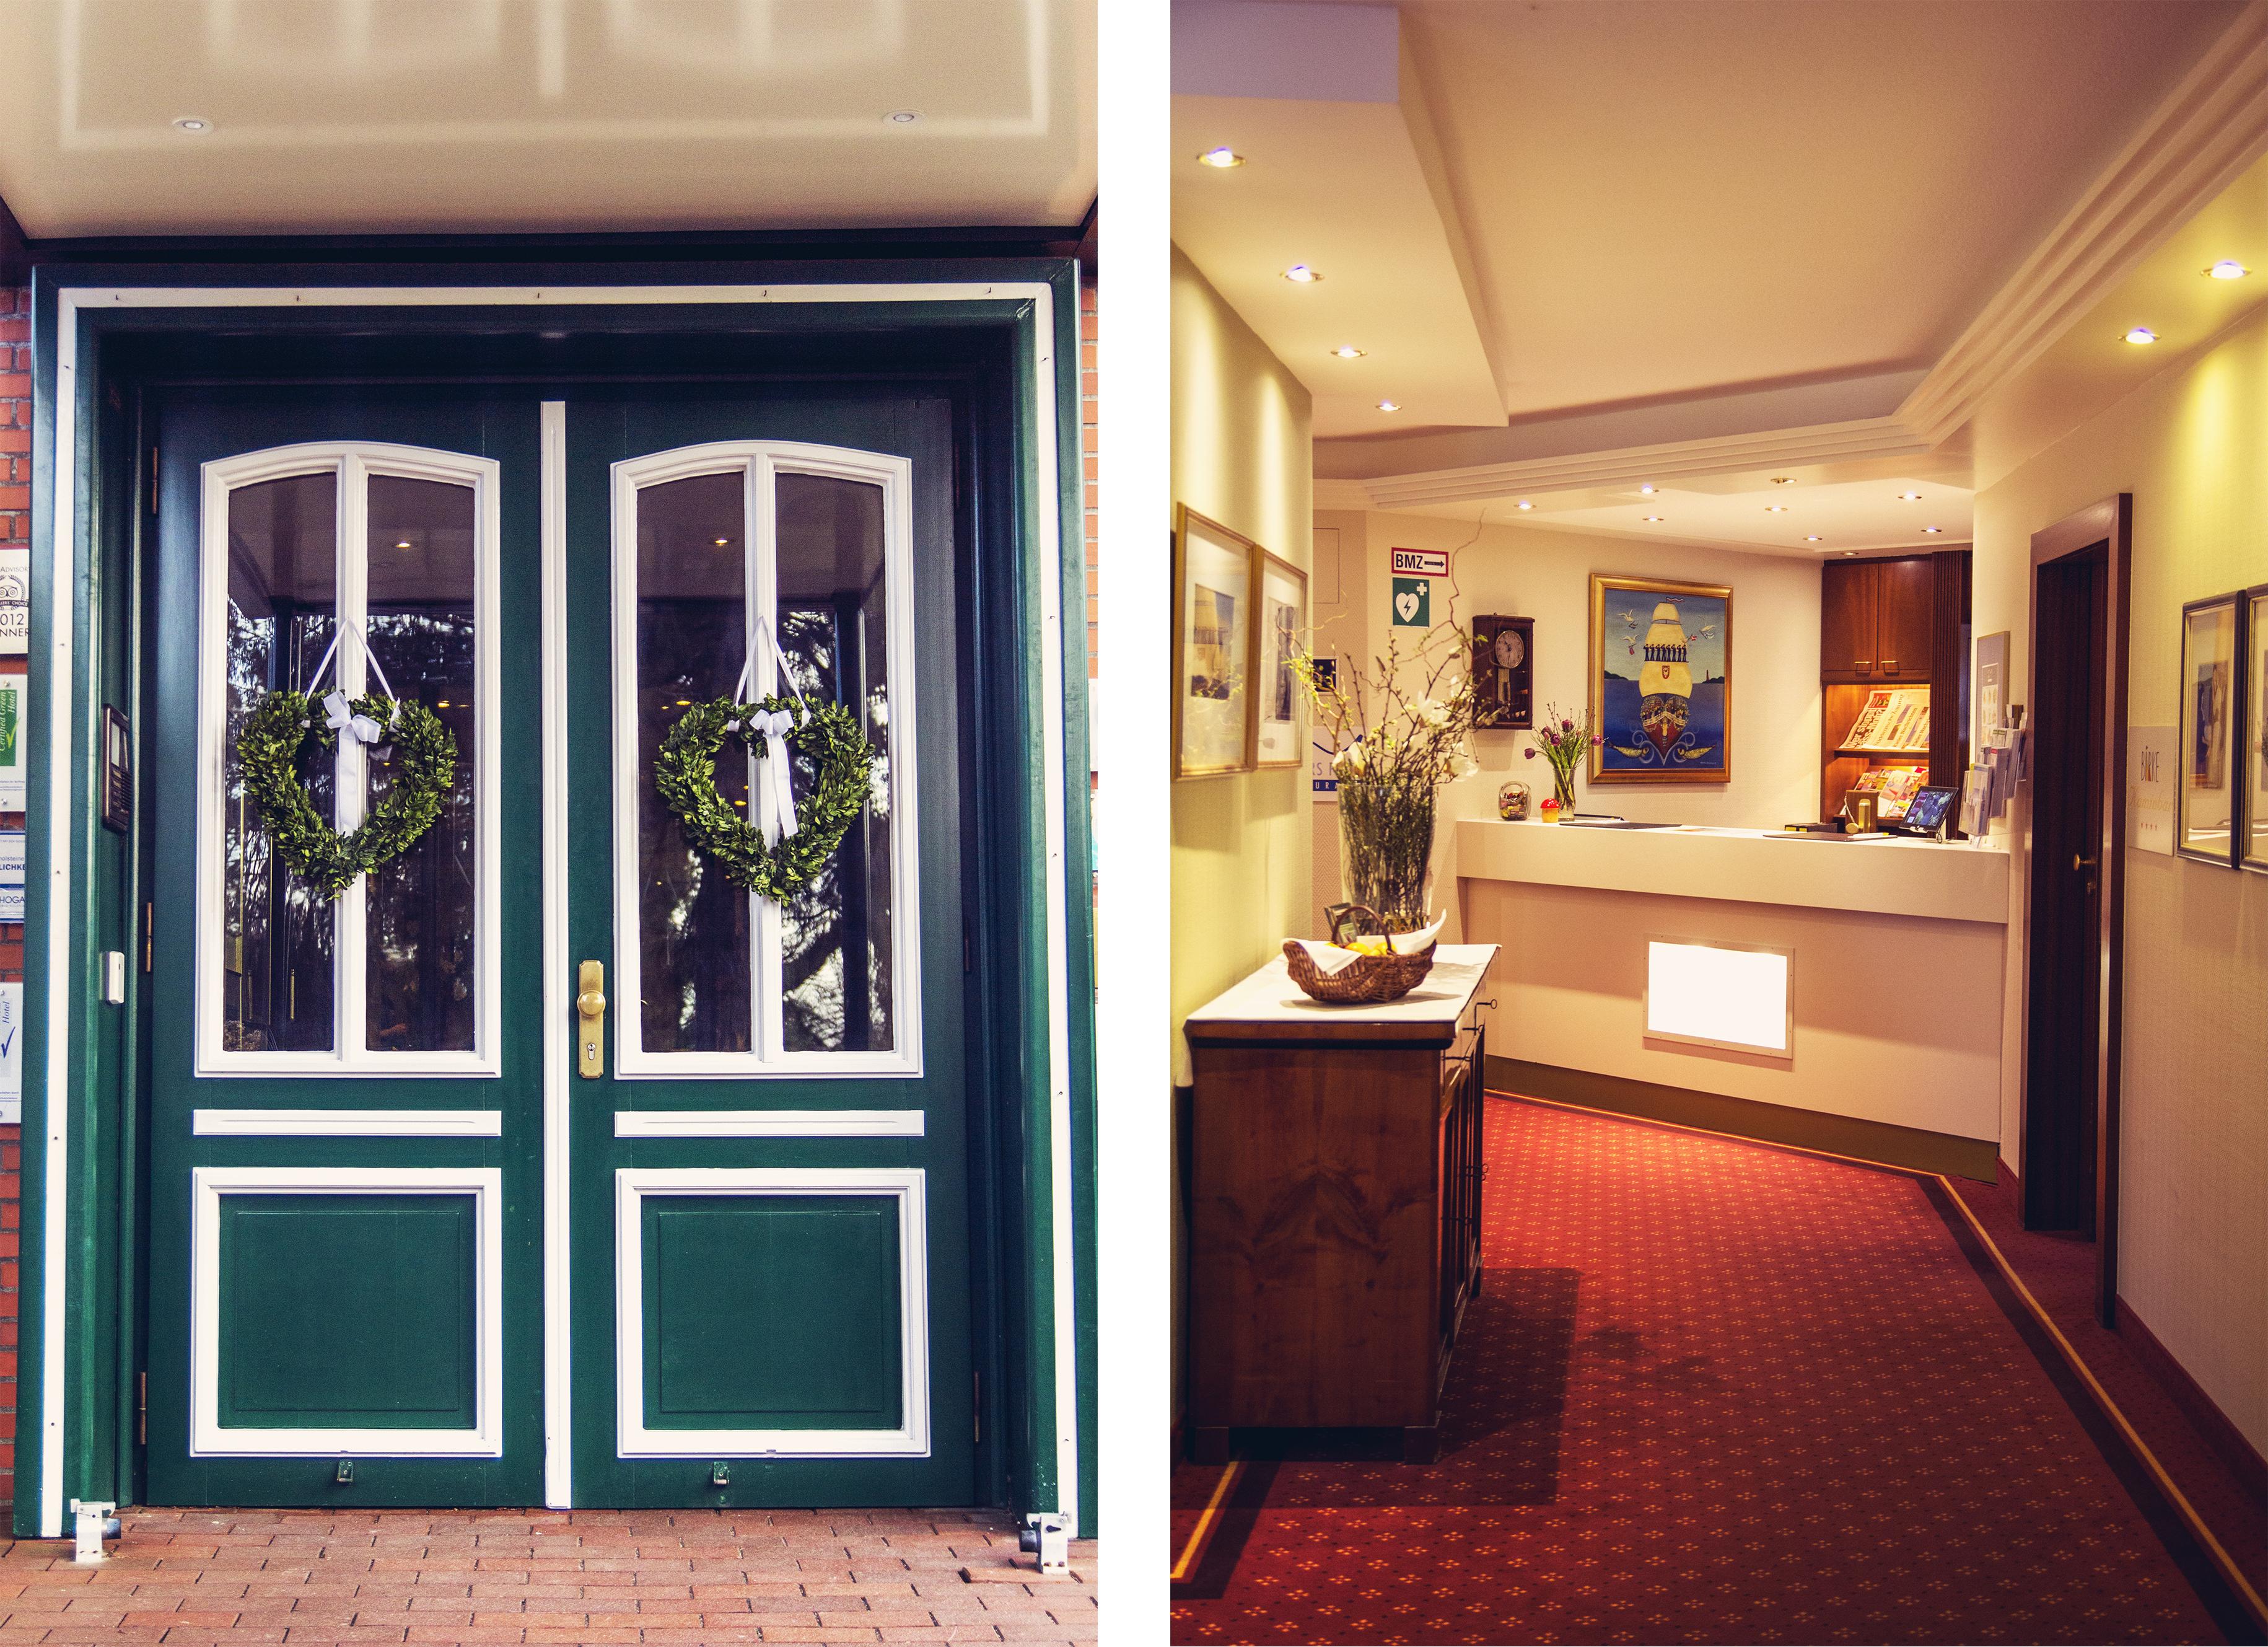 hotelbirke-eingangsbereich